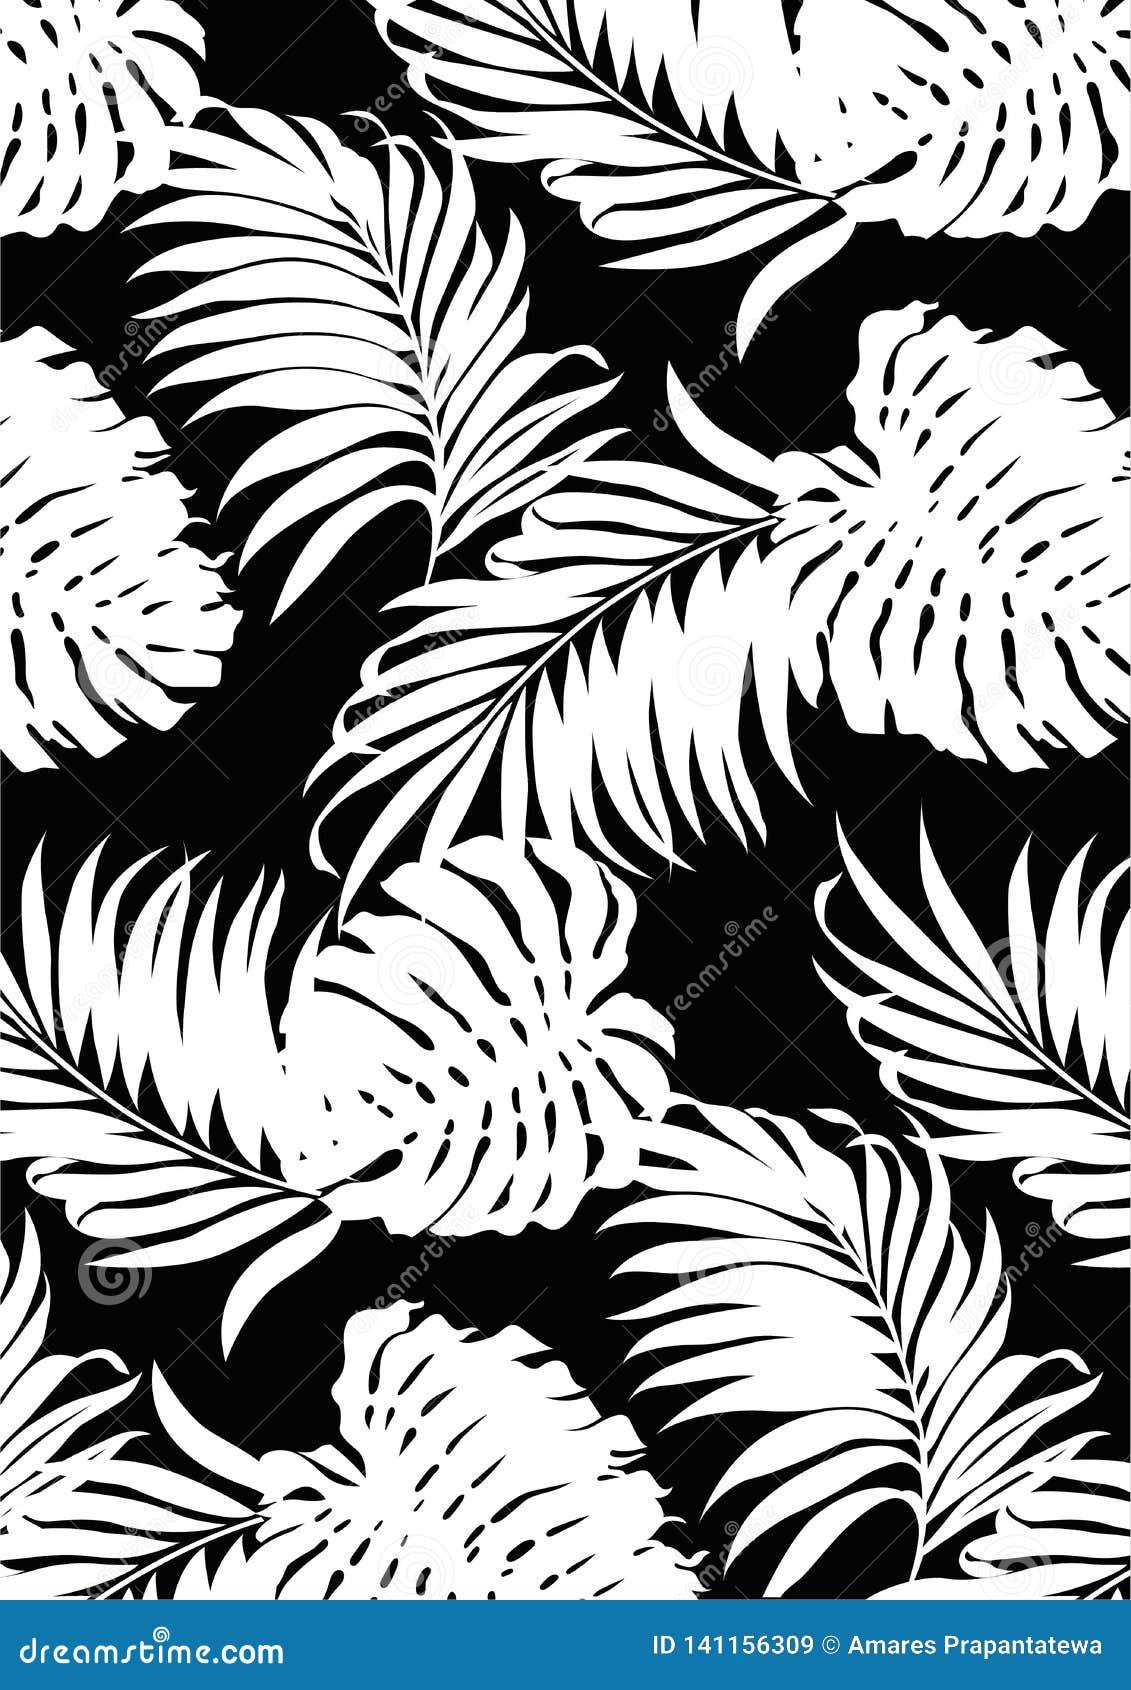 Schwarzweiss-Musterart der tropischen Blätter, flache Linie Vektor und Illustration auf schwarzem Hintergrund